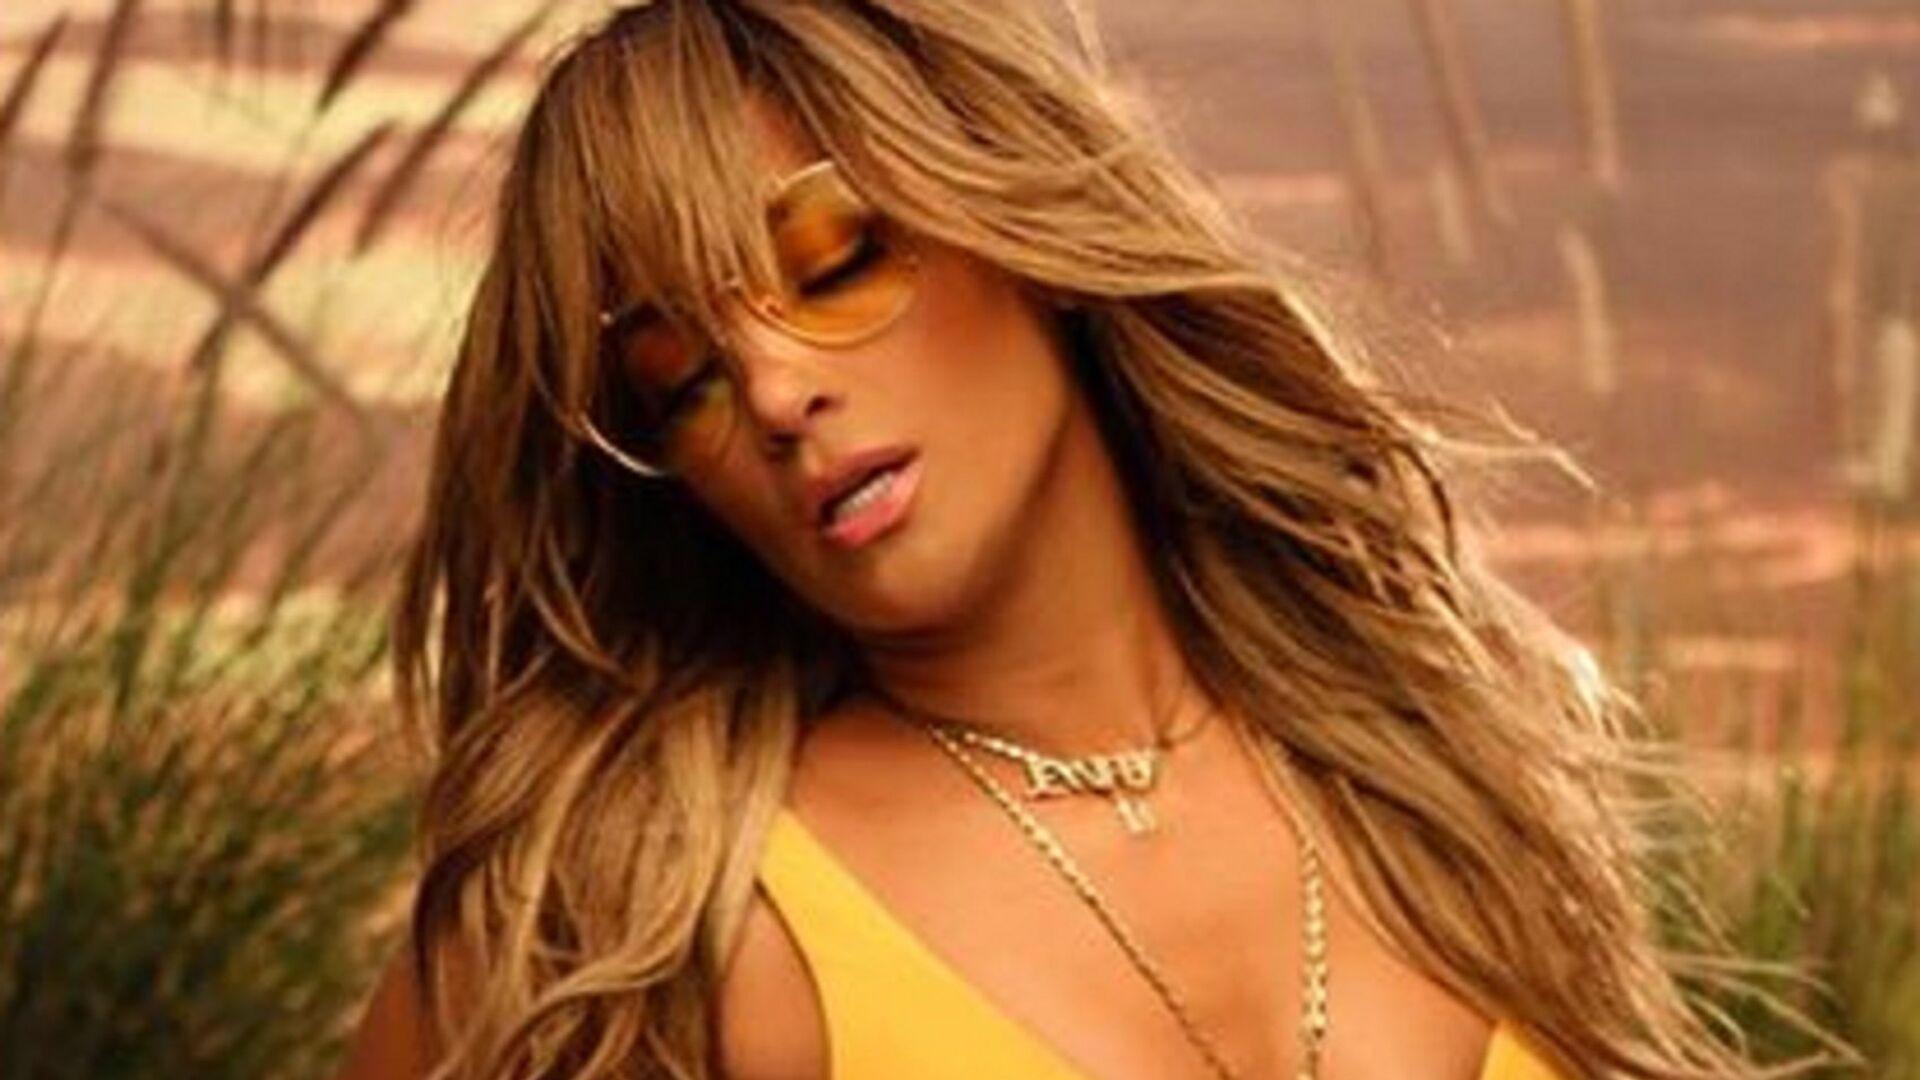 Jennifer Lopez, cantante y actriz estadounidense de origen puertorriqueño  - Sputnik Mundo, 1920, 06.07.2021